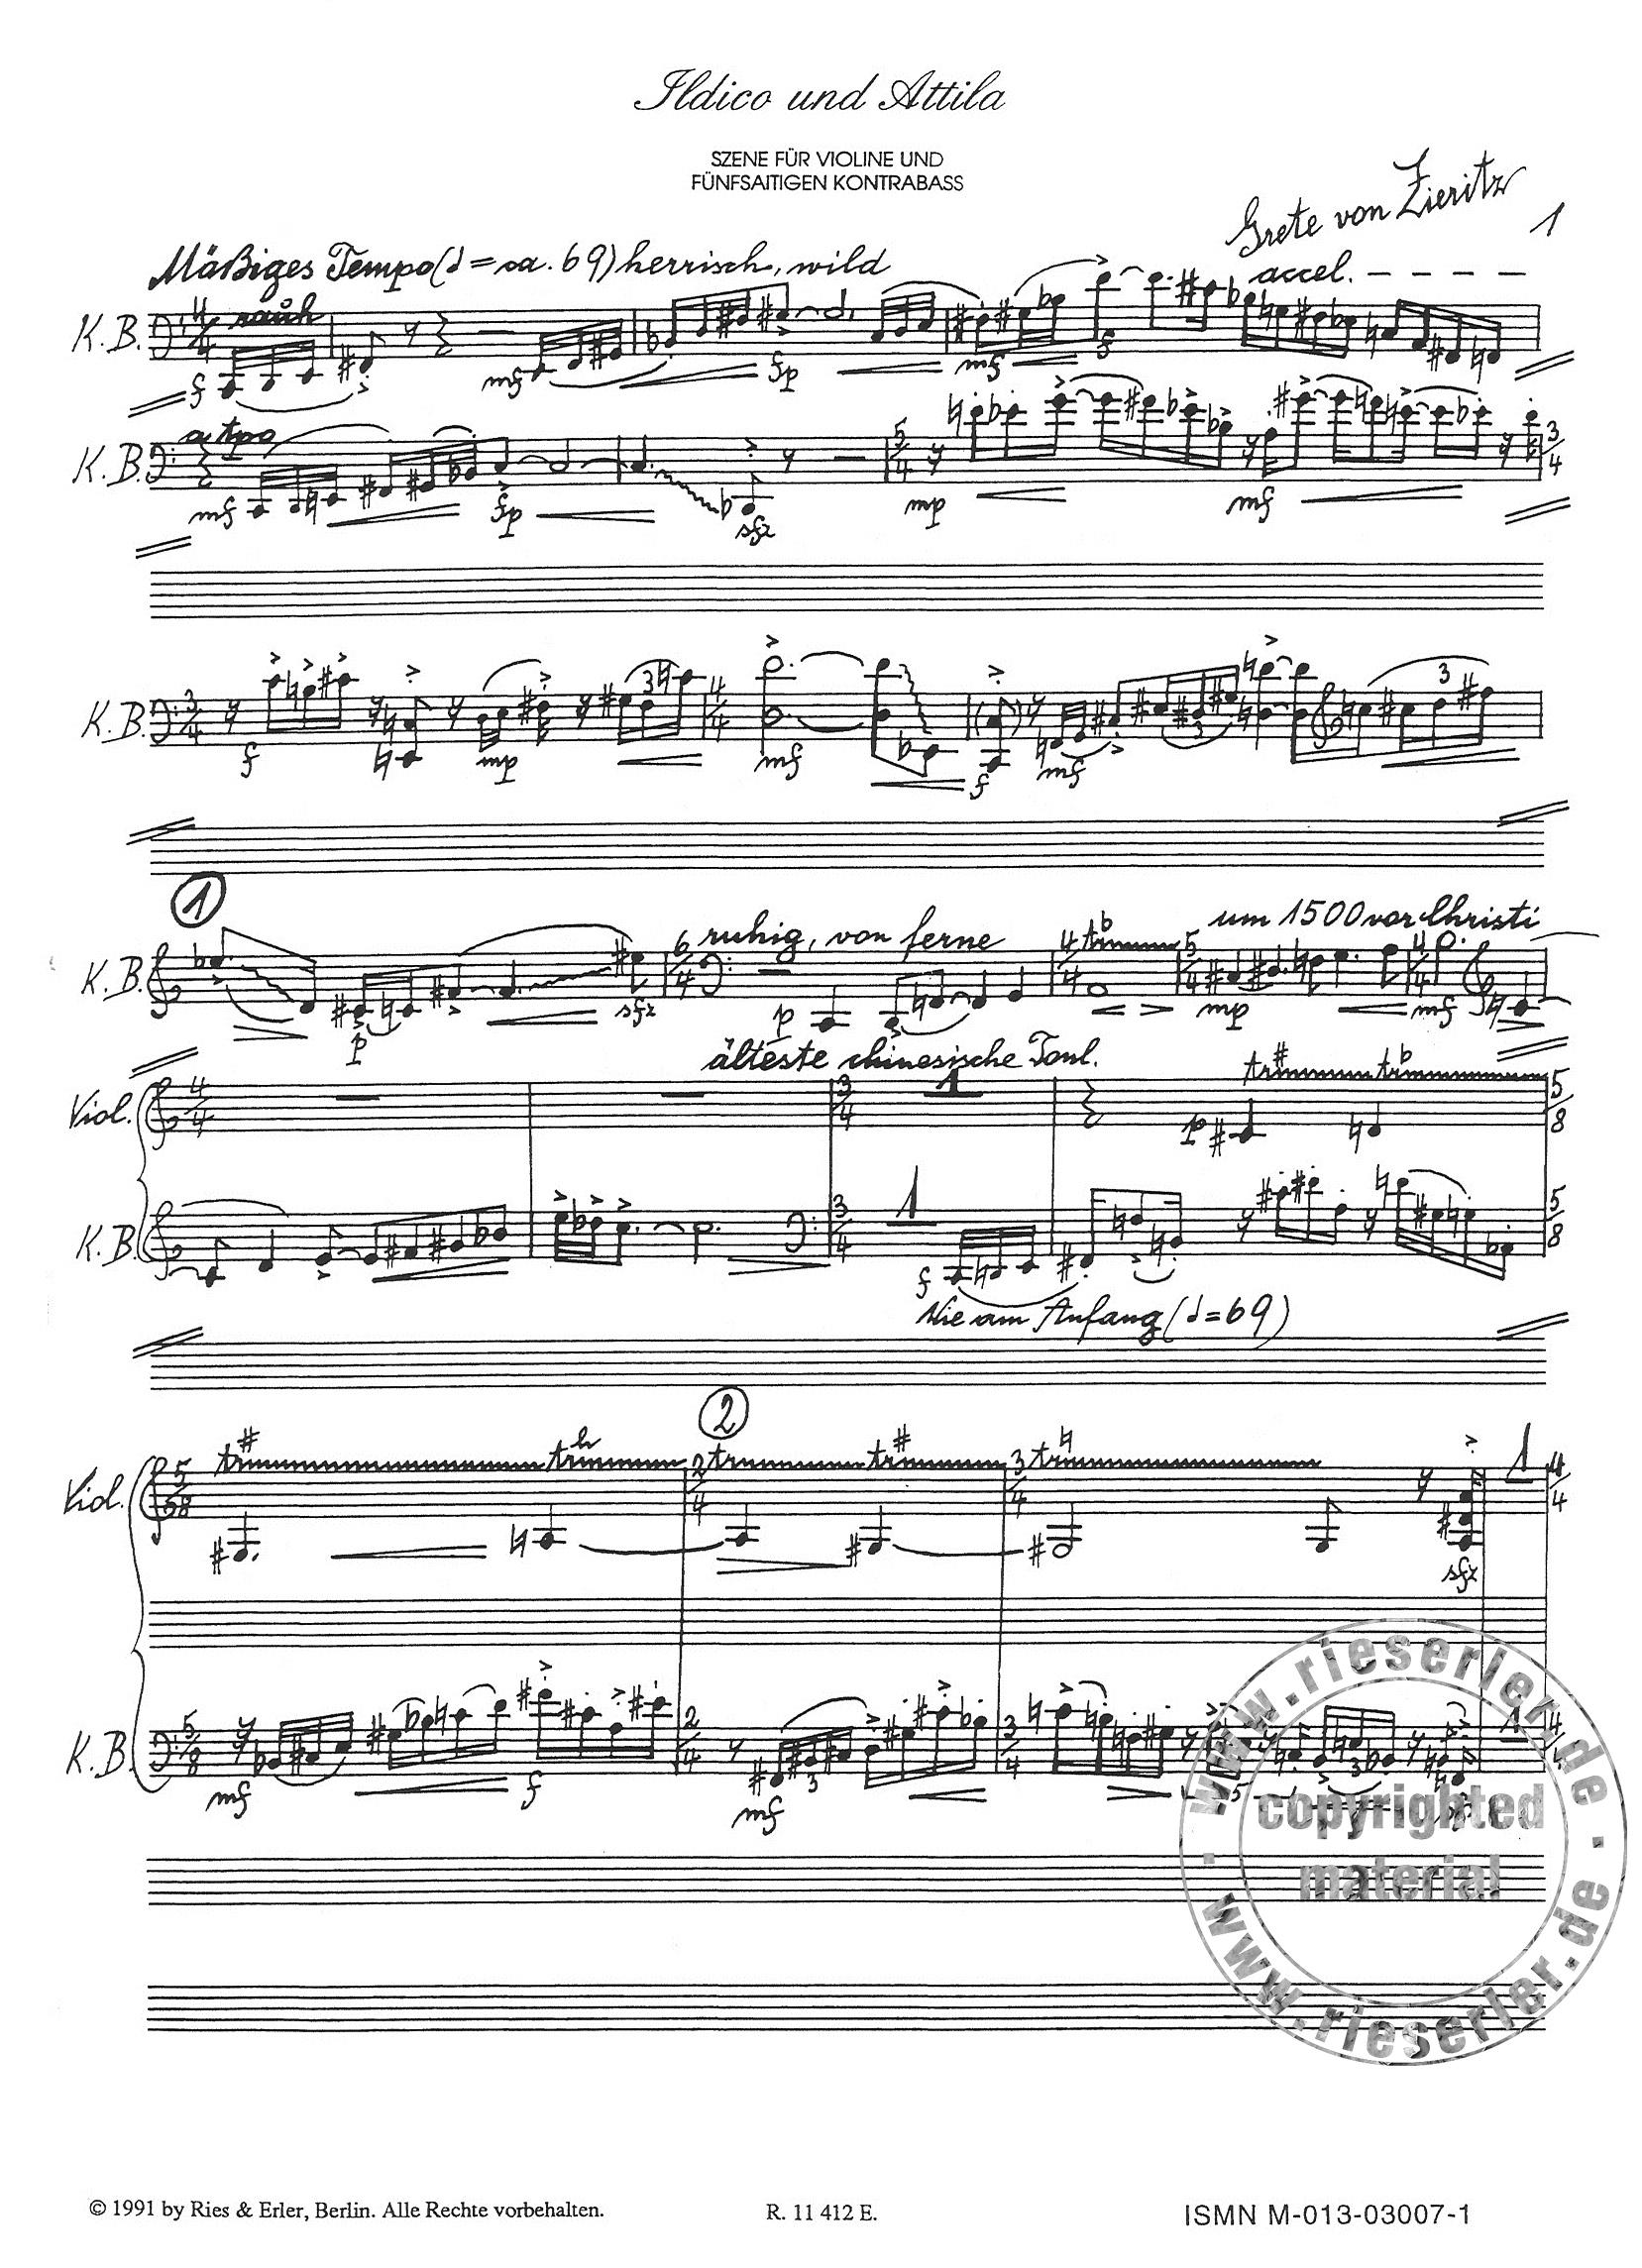 Ildico und Attila   Szene für Violine und Kontrabass